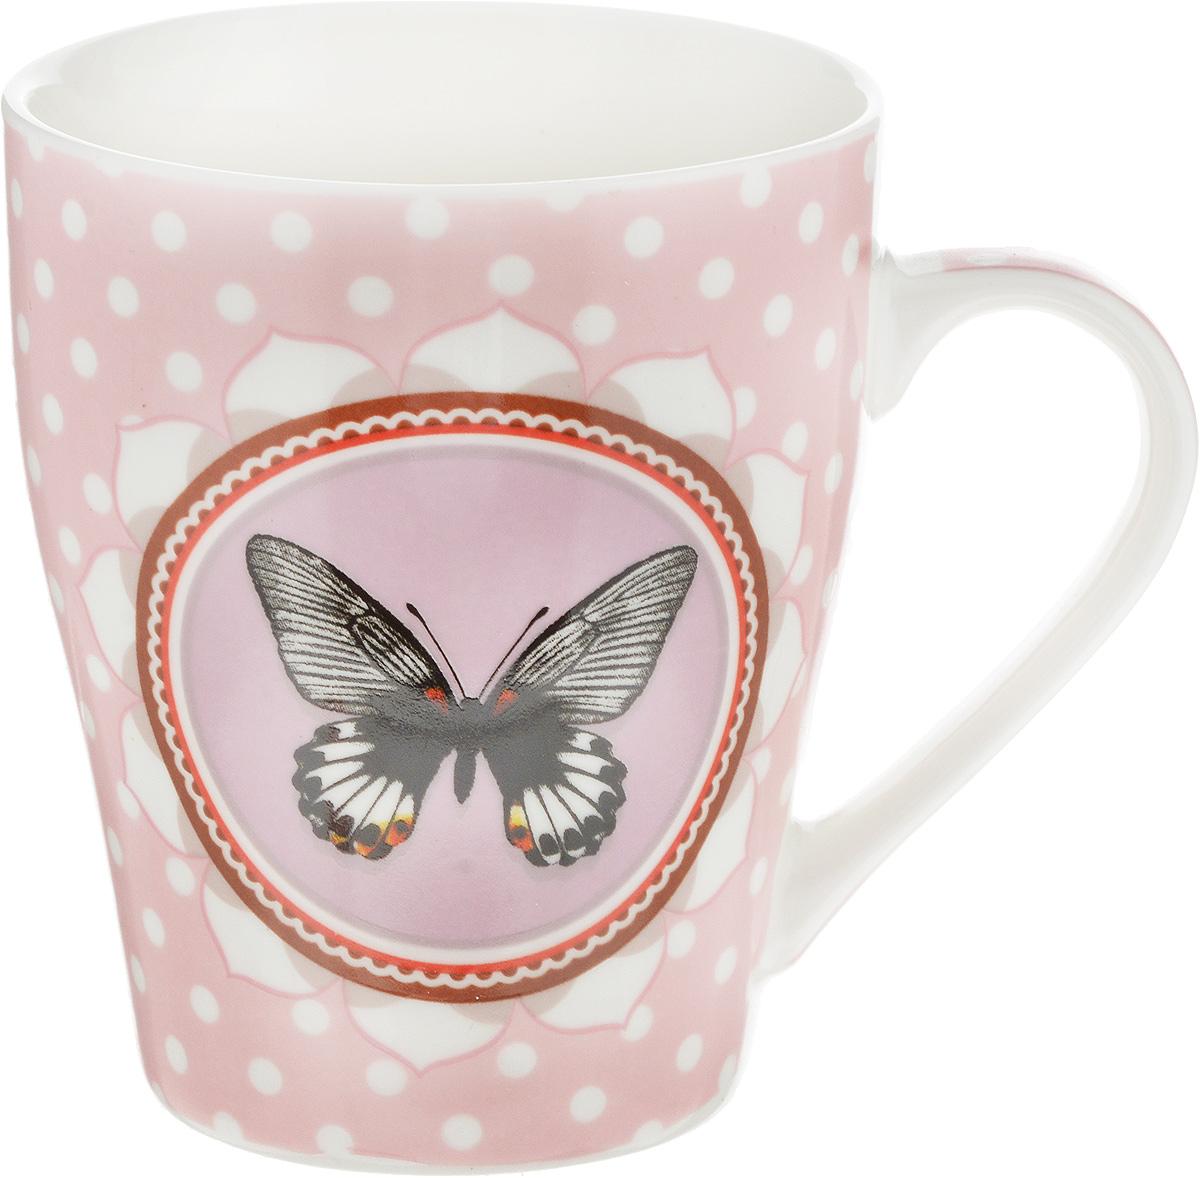 Кружка Loraine Бабочка, цвет: розовый, белый, черный, 340 мл24453_розовый, белый, черныйОригинальная кружка Loraine Бабочка выполнена из высококачественного костяного фарфора и оформлена красочным рисунком. Она станет отличным дополнением к сервировке семейного стола и замечательным подарком для ваших родных и друзей. Диаметр кружки (по верхнему краю): 8 см. Высота кружки: 10 см.